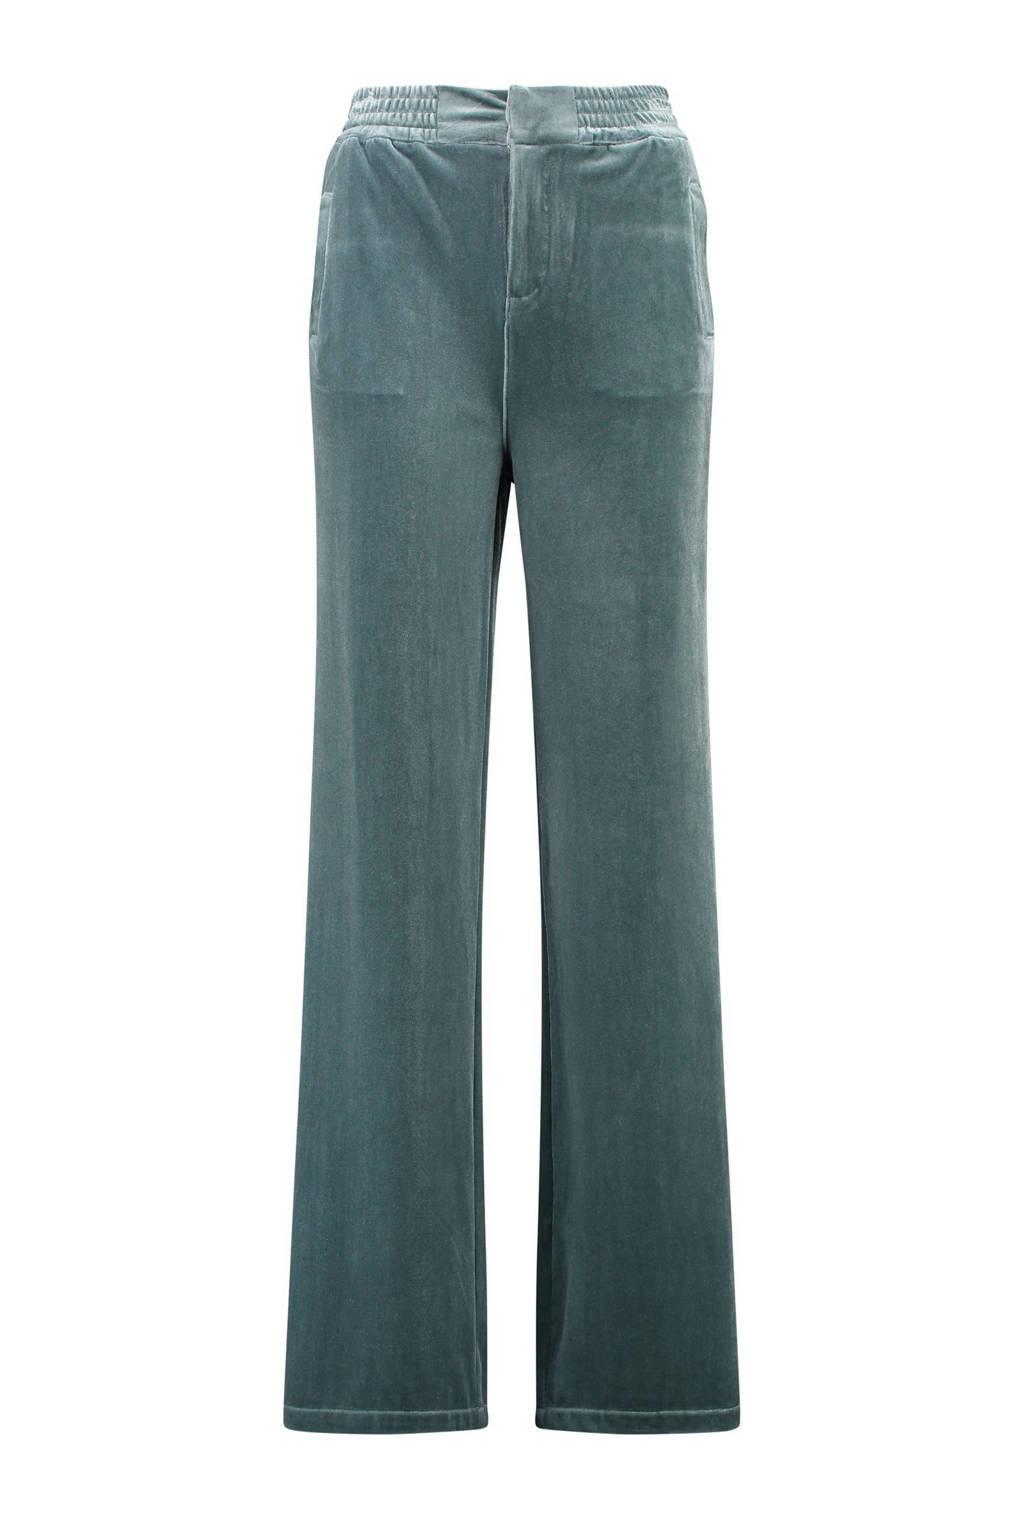 CKS velours high waist loose fit broek ijsblauw, IJsblauw